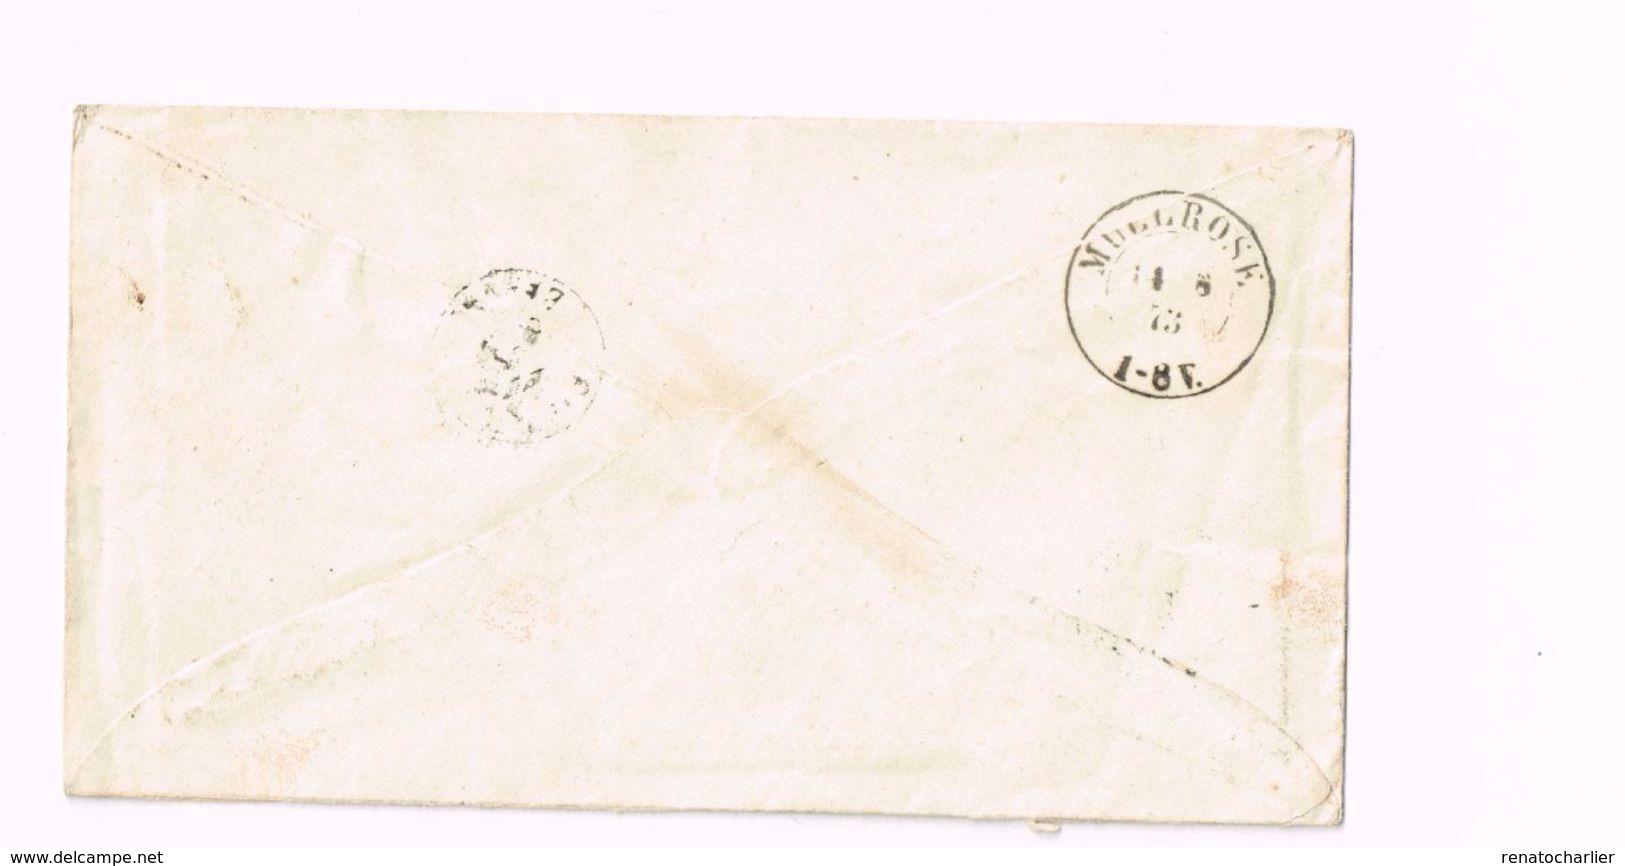 Lettre Expédiée à Müllrose (Brandenburg). Yvert 34 - Briefe U. Dokumente